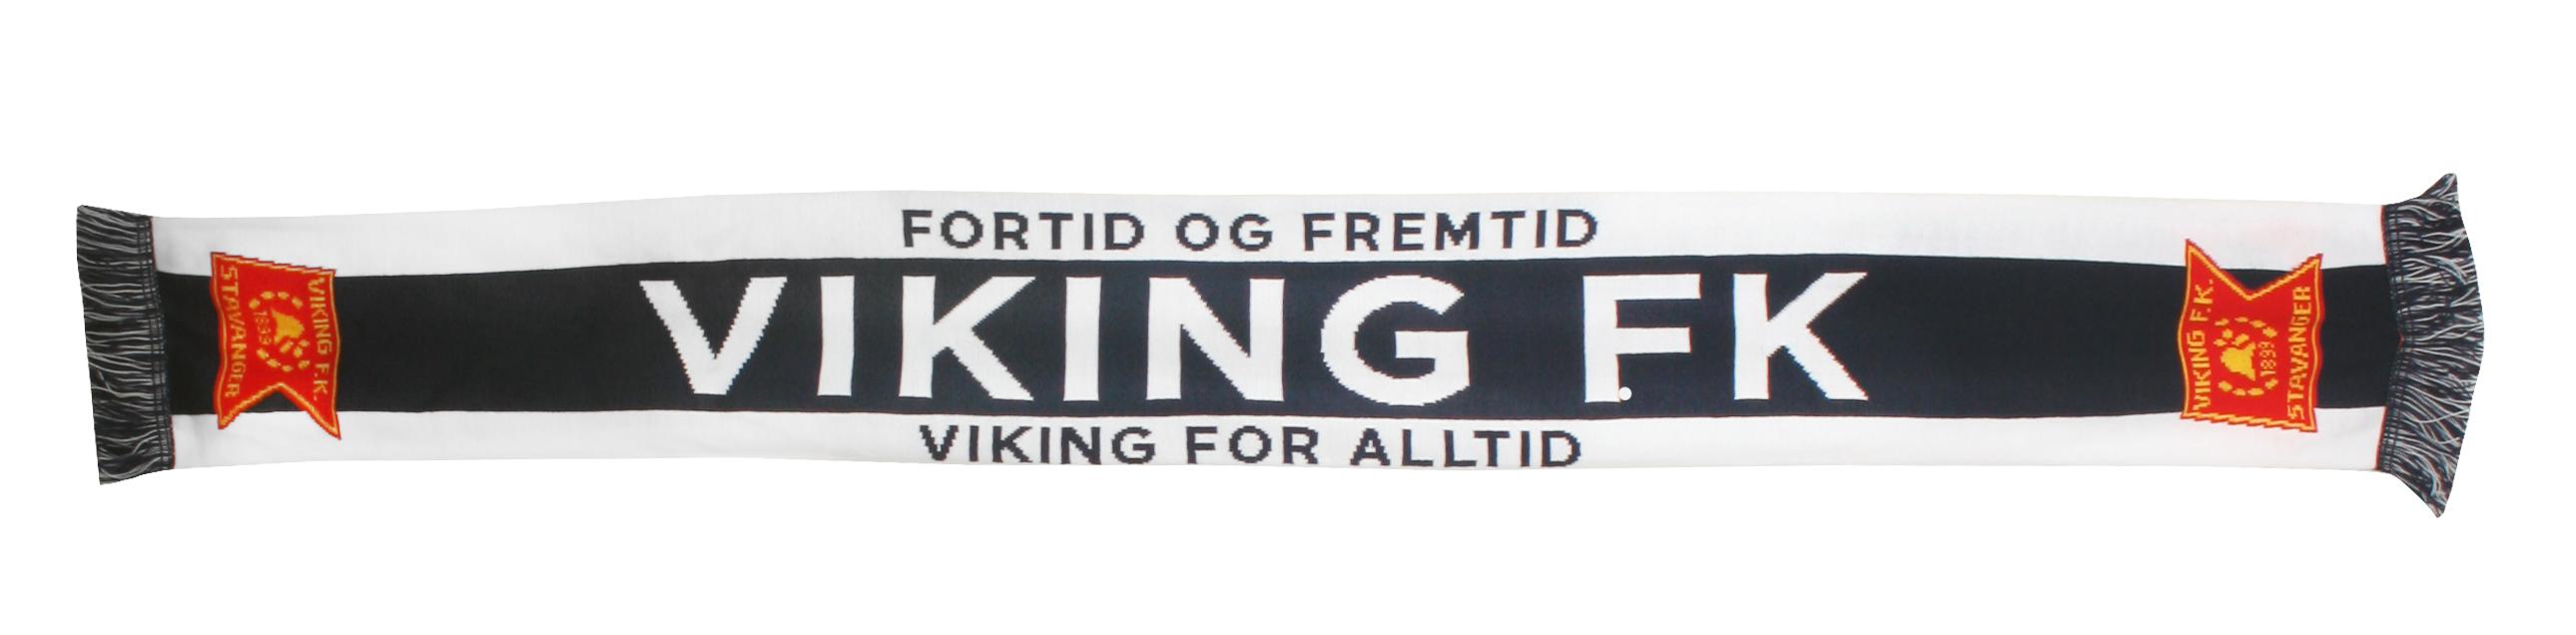 Skjerf - Viking FK